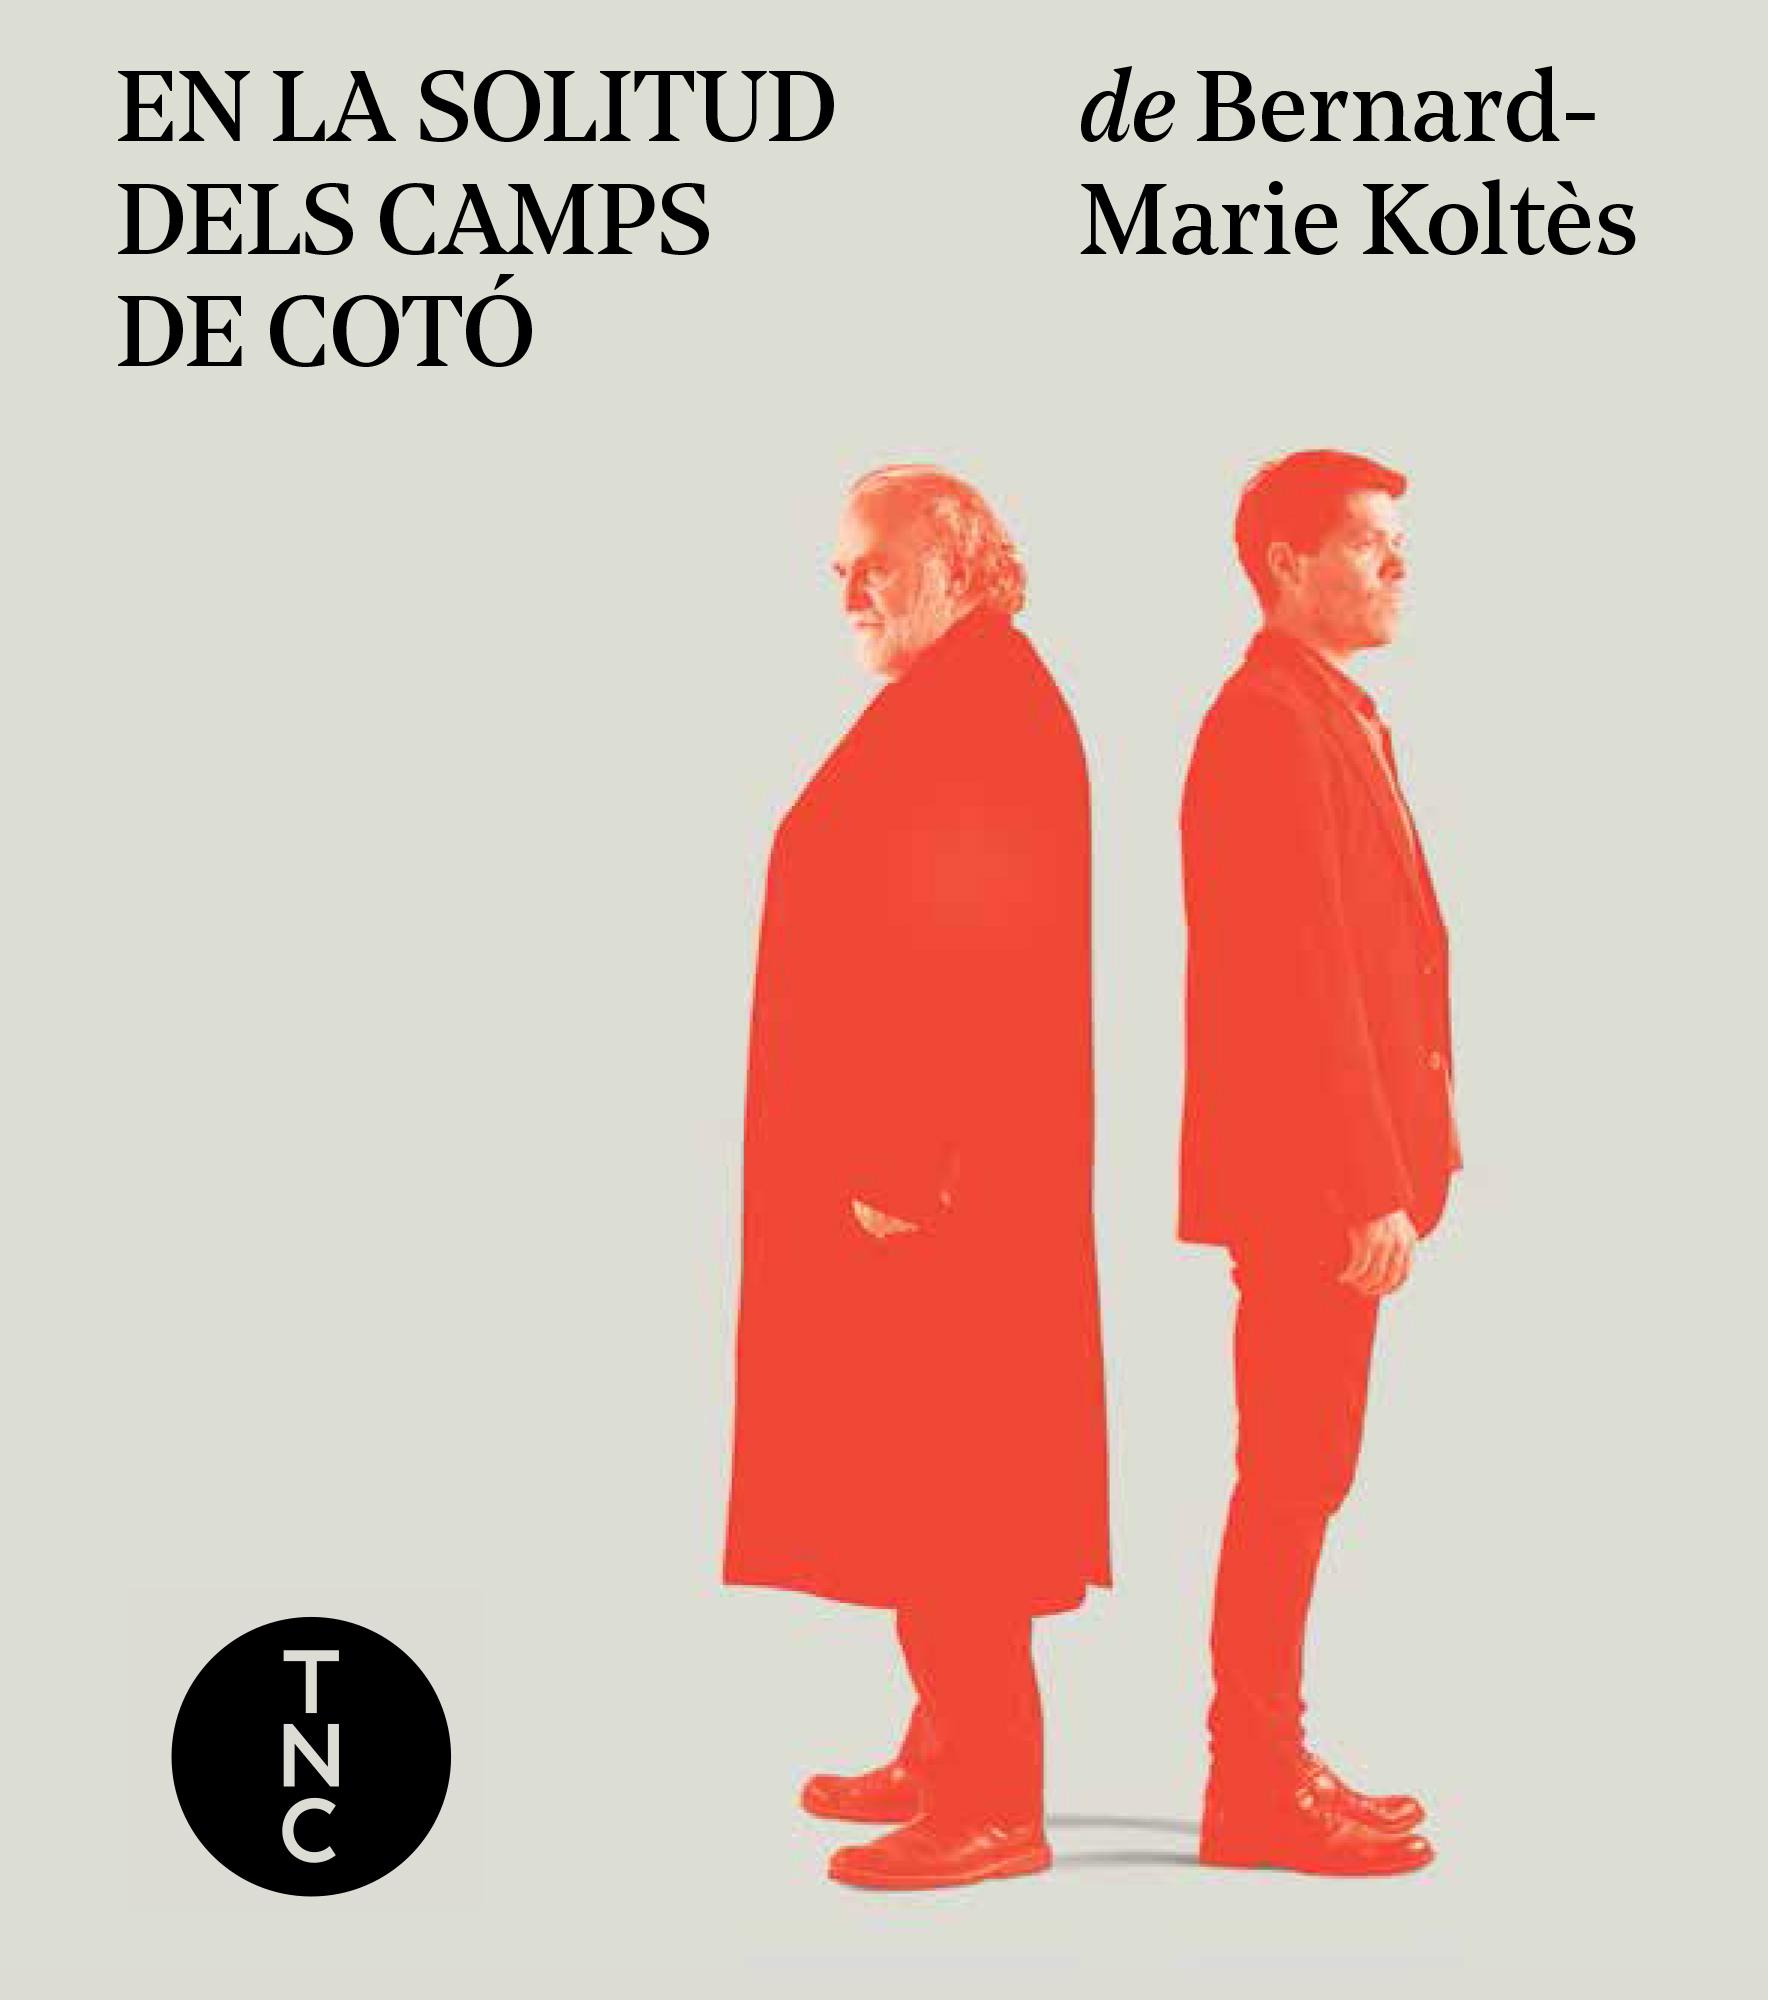 pds_en_la_solitud_dels_camps_de_coto-1